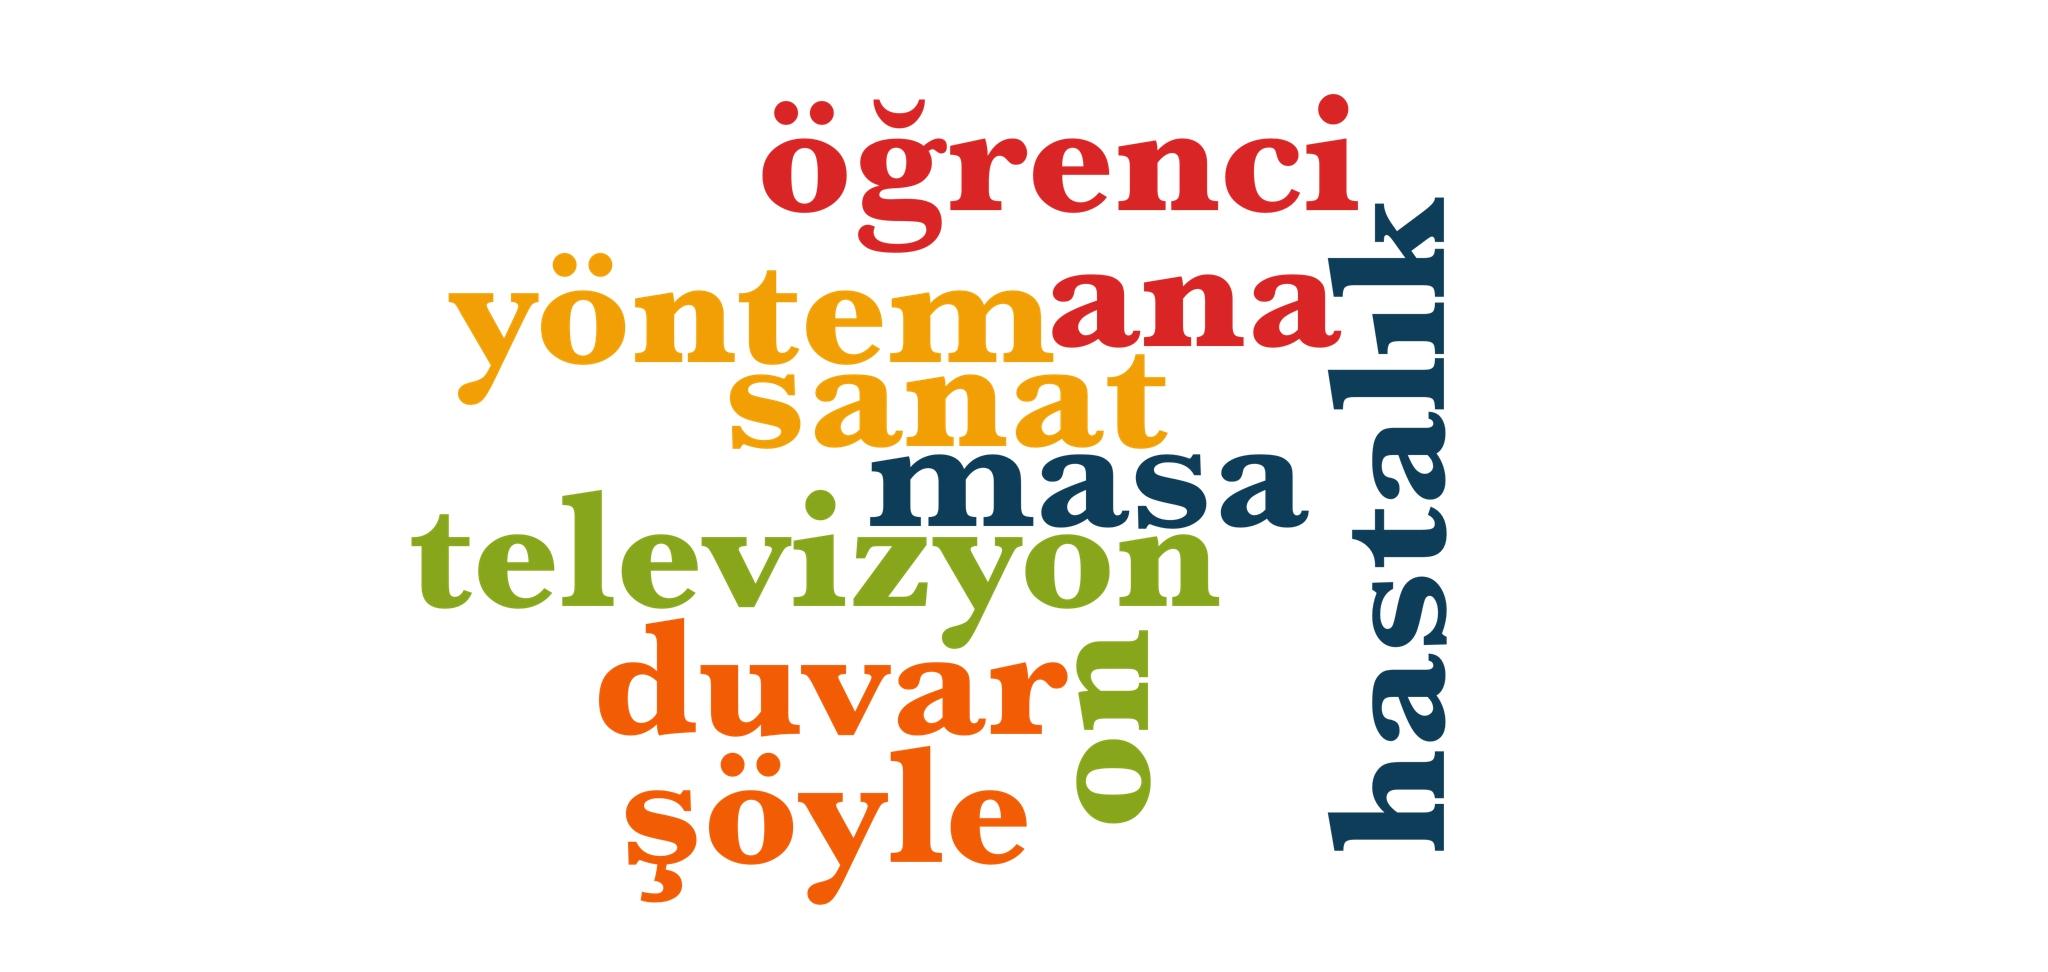 Wörter 361 bis 370 der 1000 häufigsten Wörter der türkischen Sprache